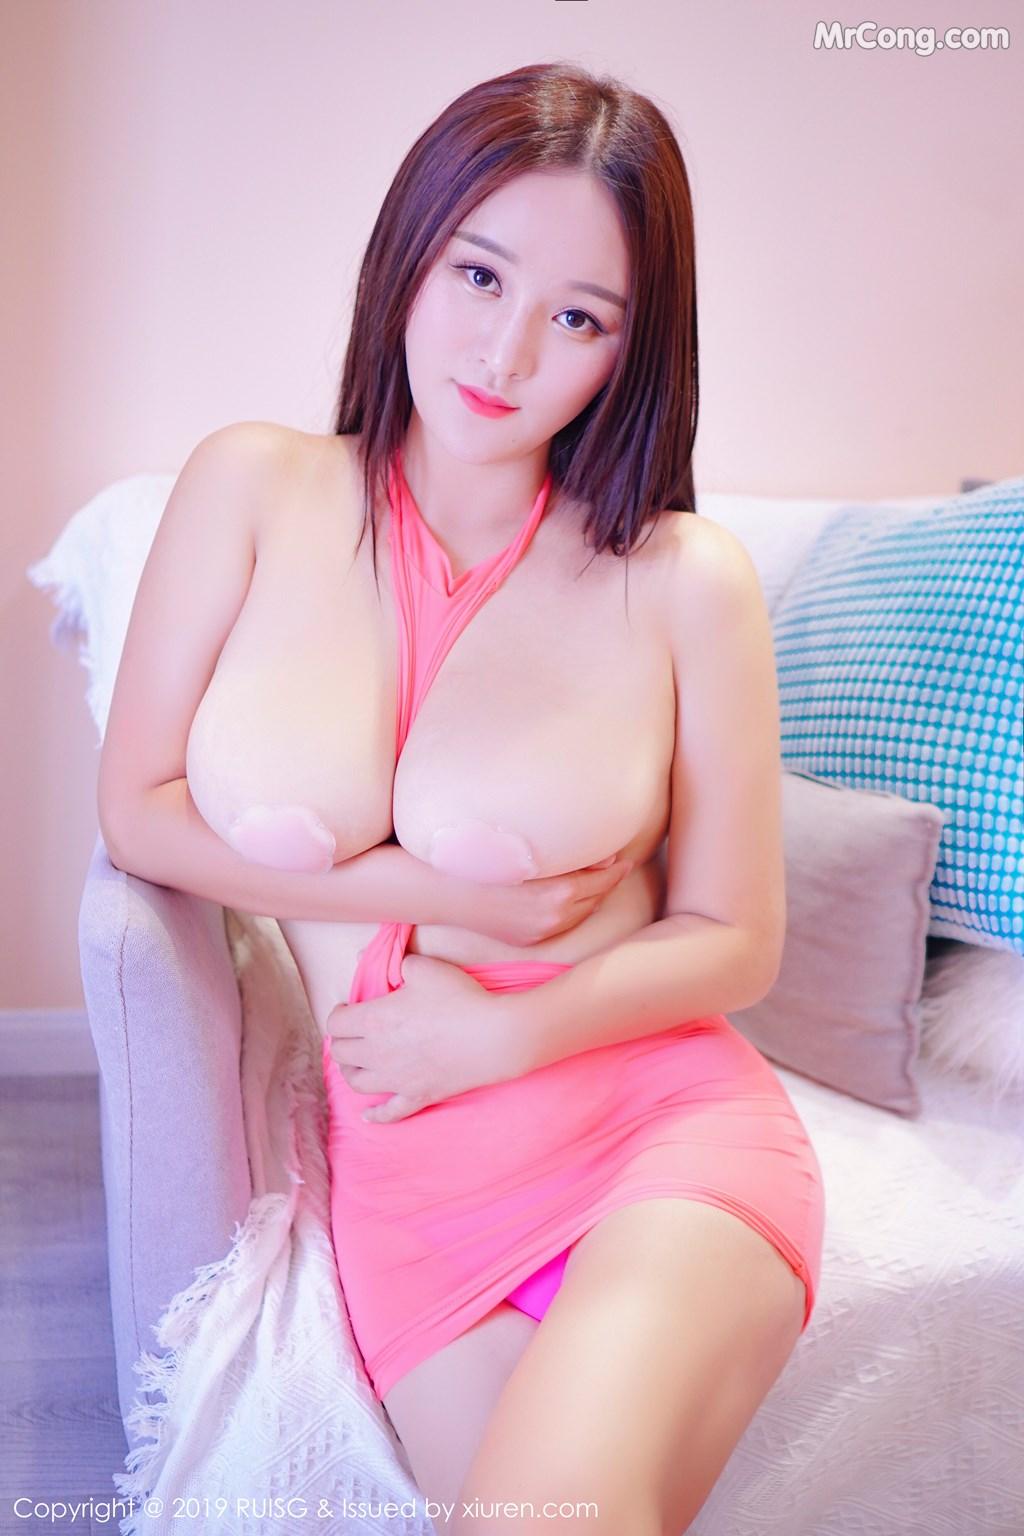 RuiSG Vol.086: 潘琳琳ber (38P)